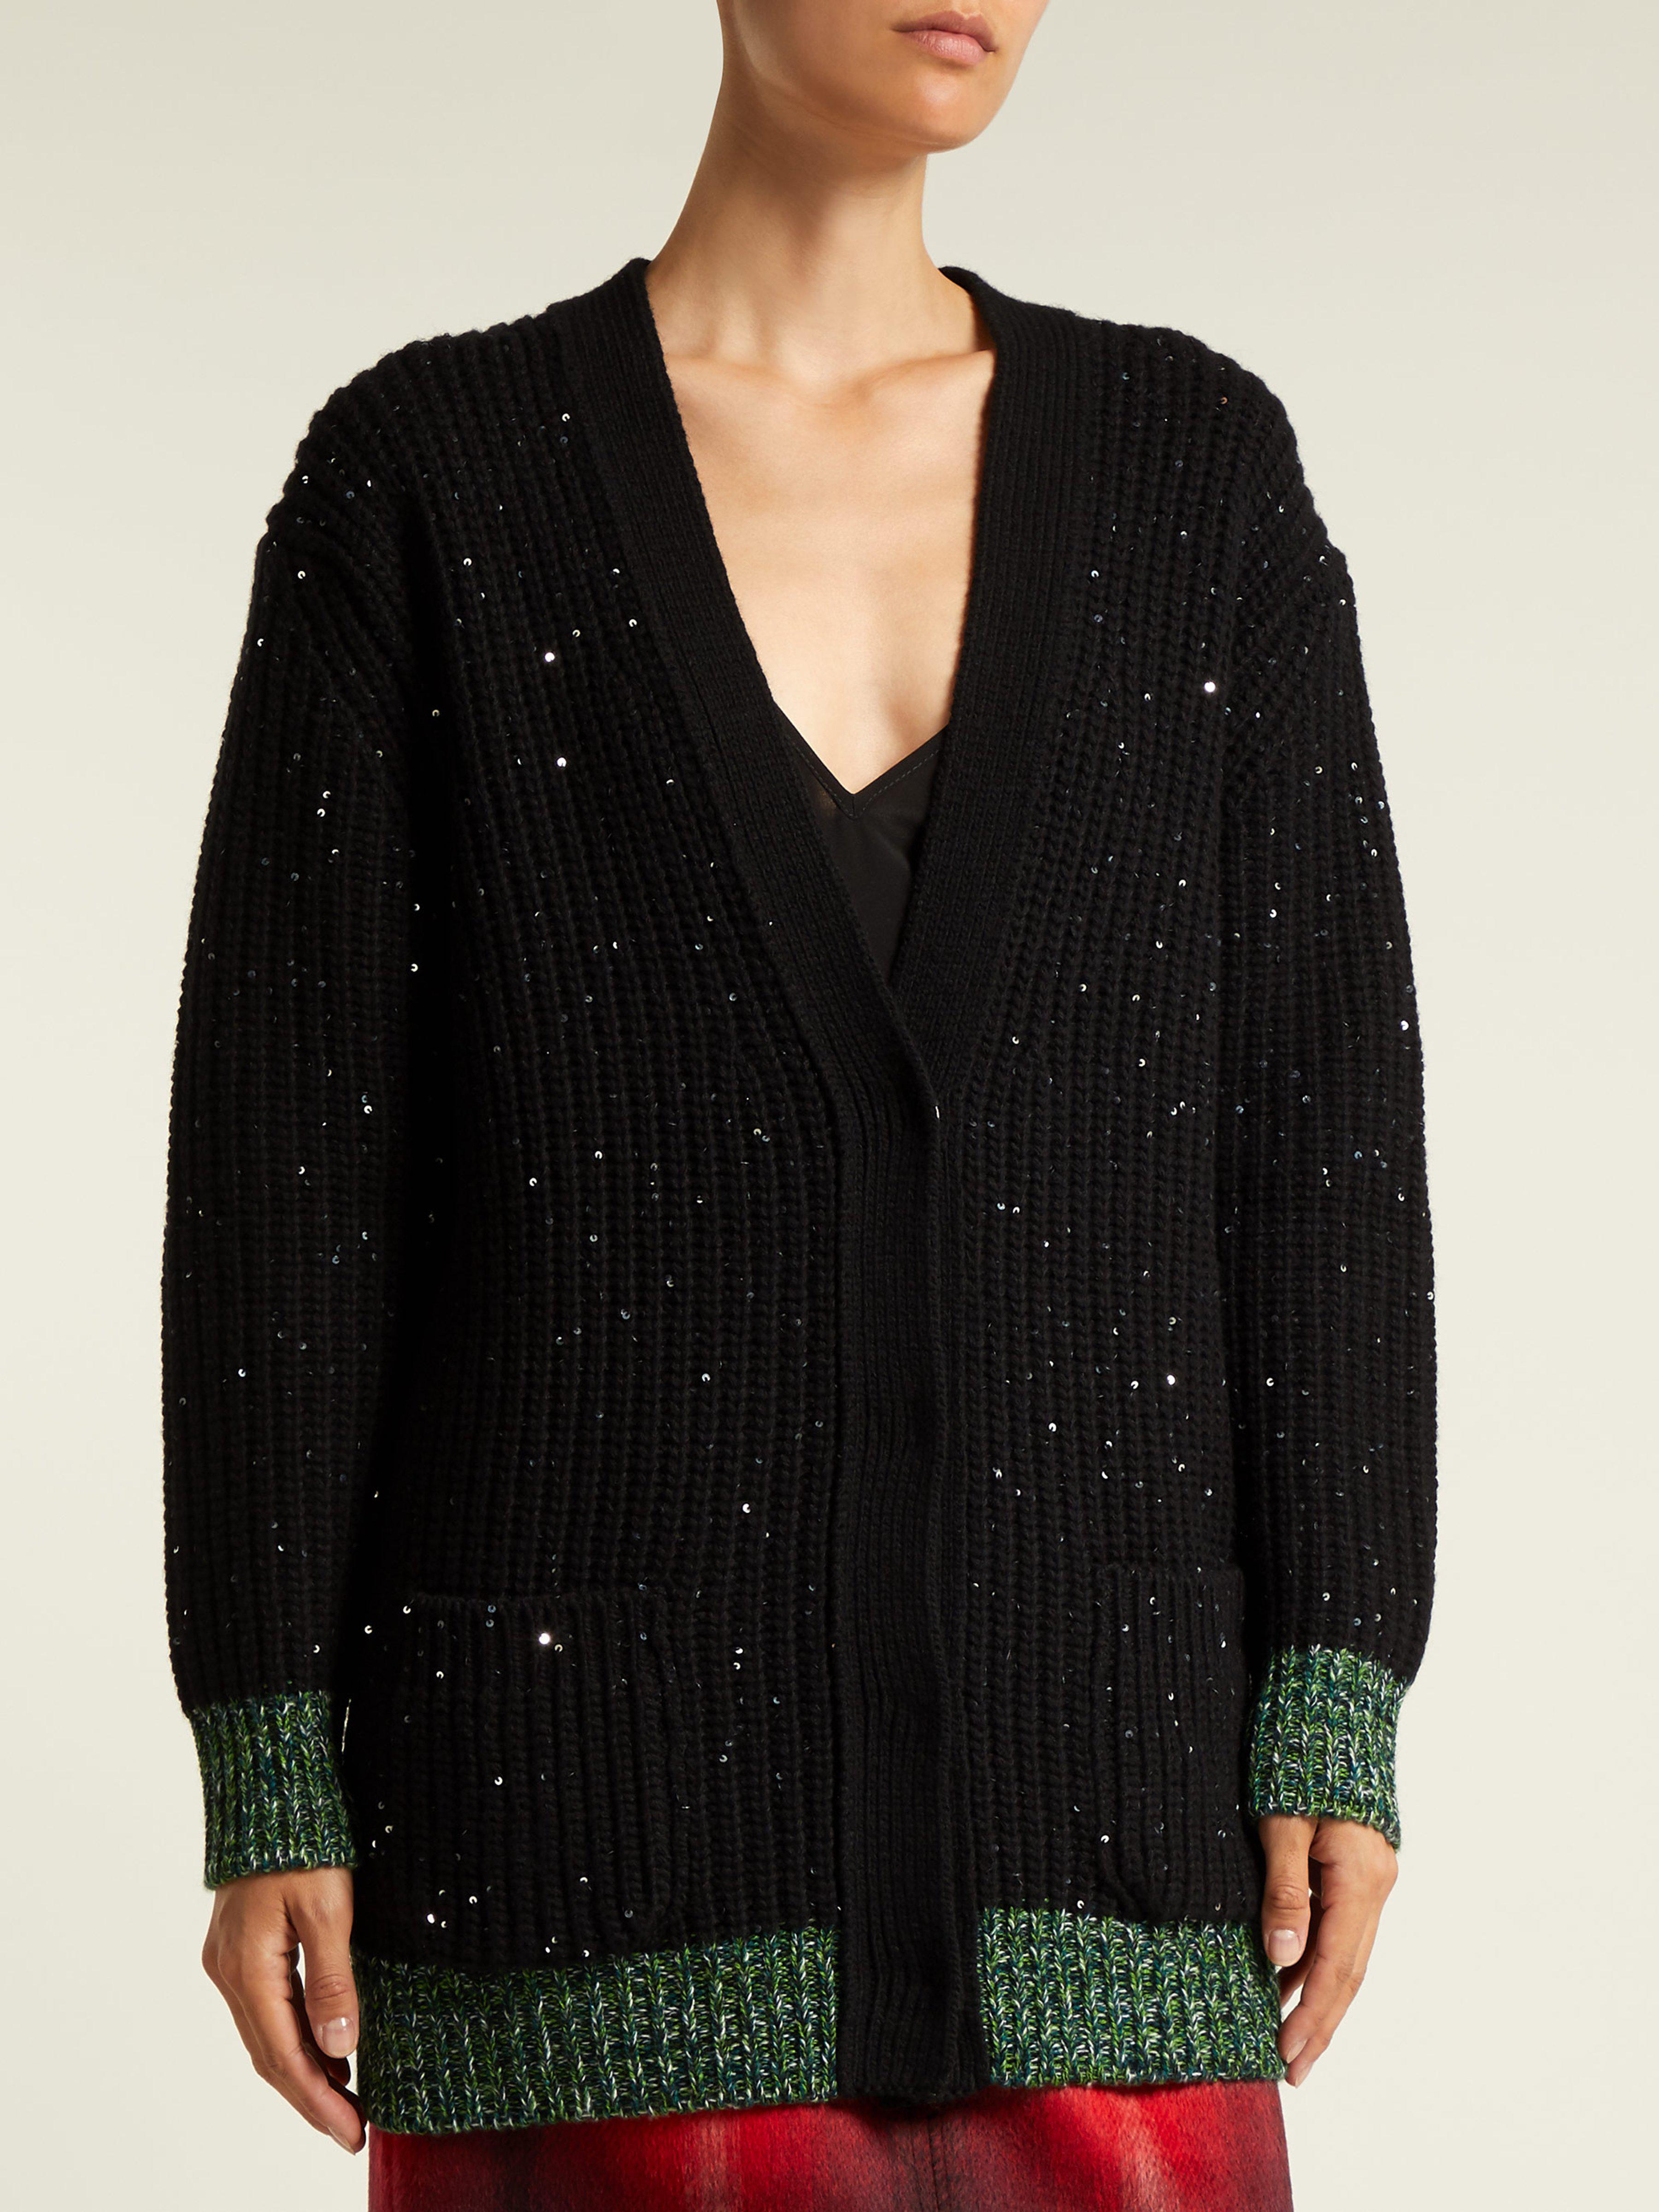 8241d373bb7262 n21-black-Sequin-Embellished-Wool-Blend-Cardigan.jpeg